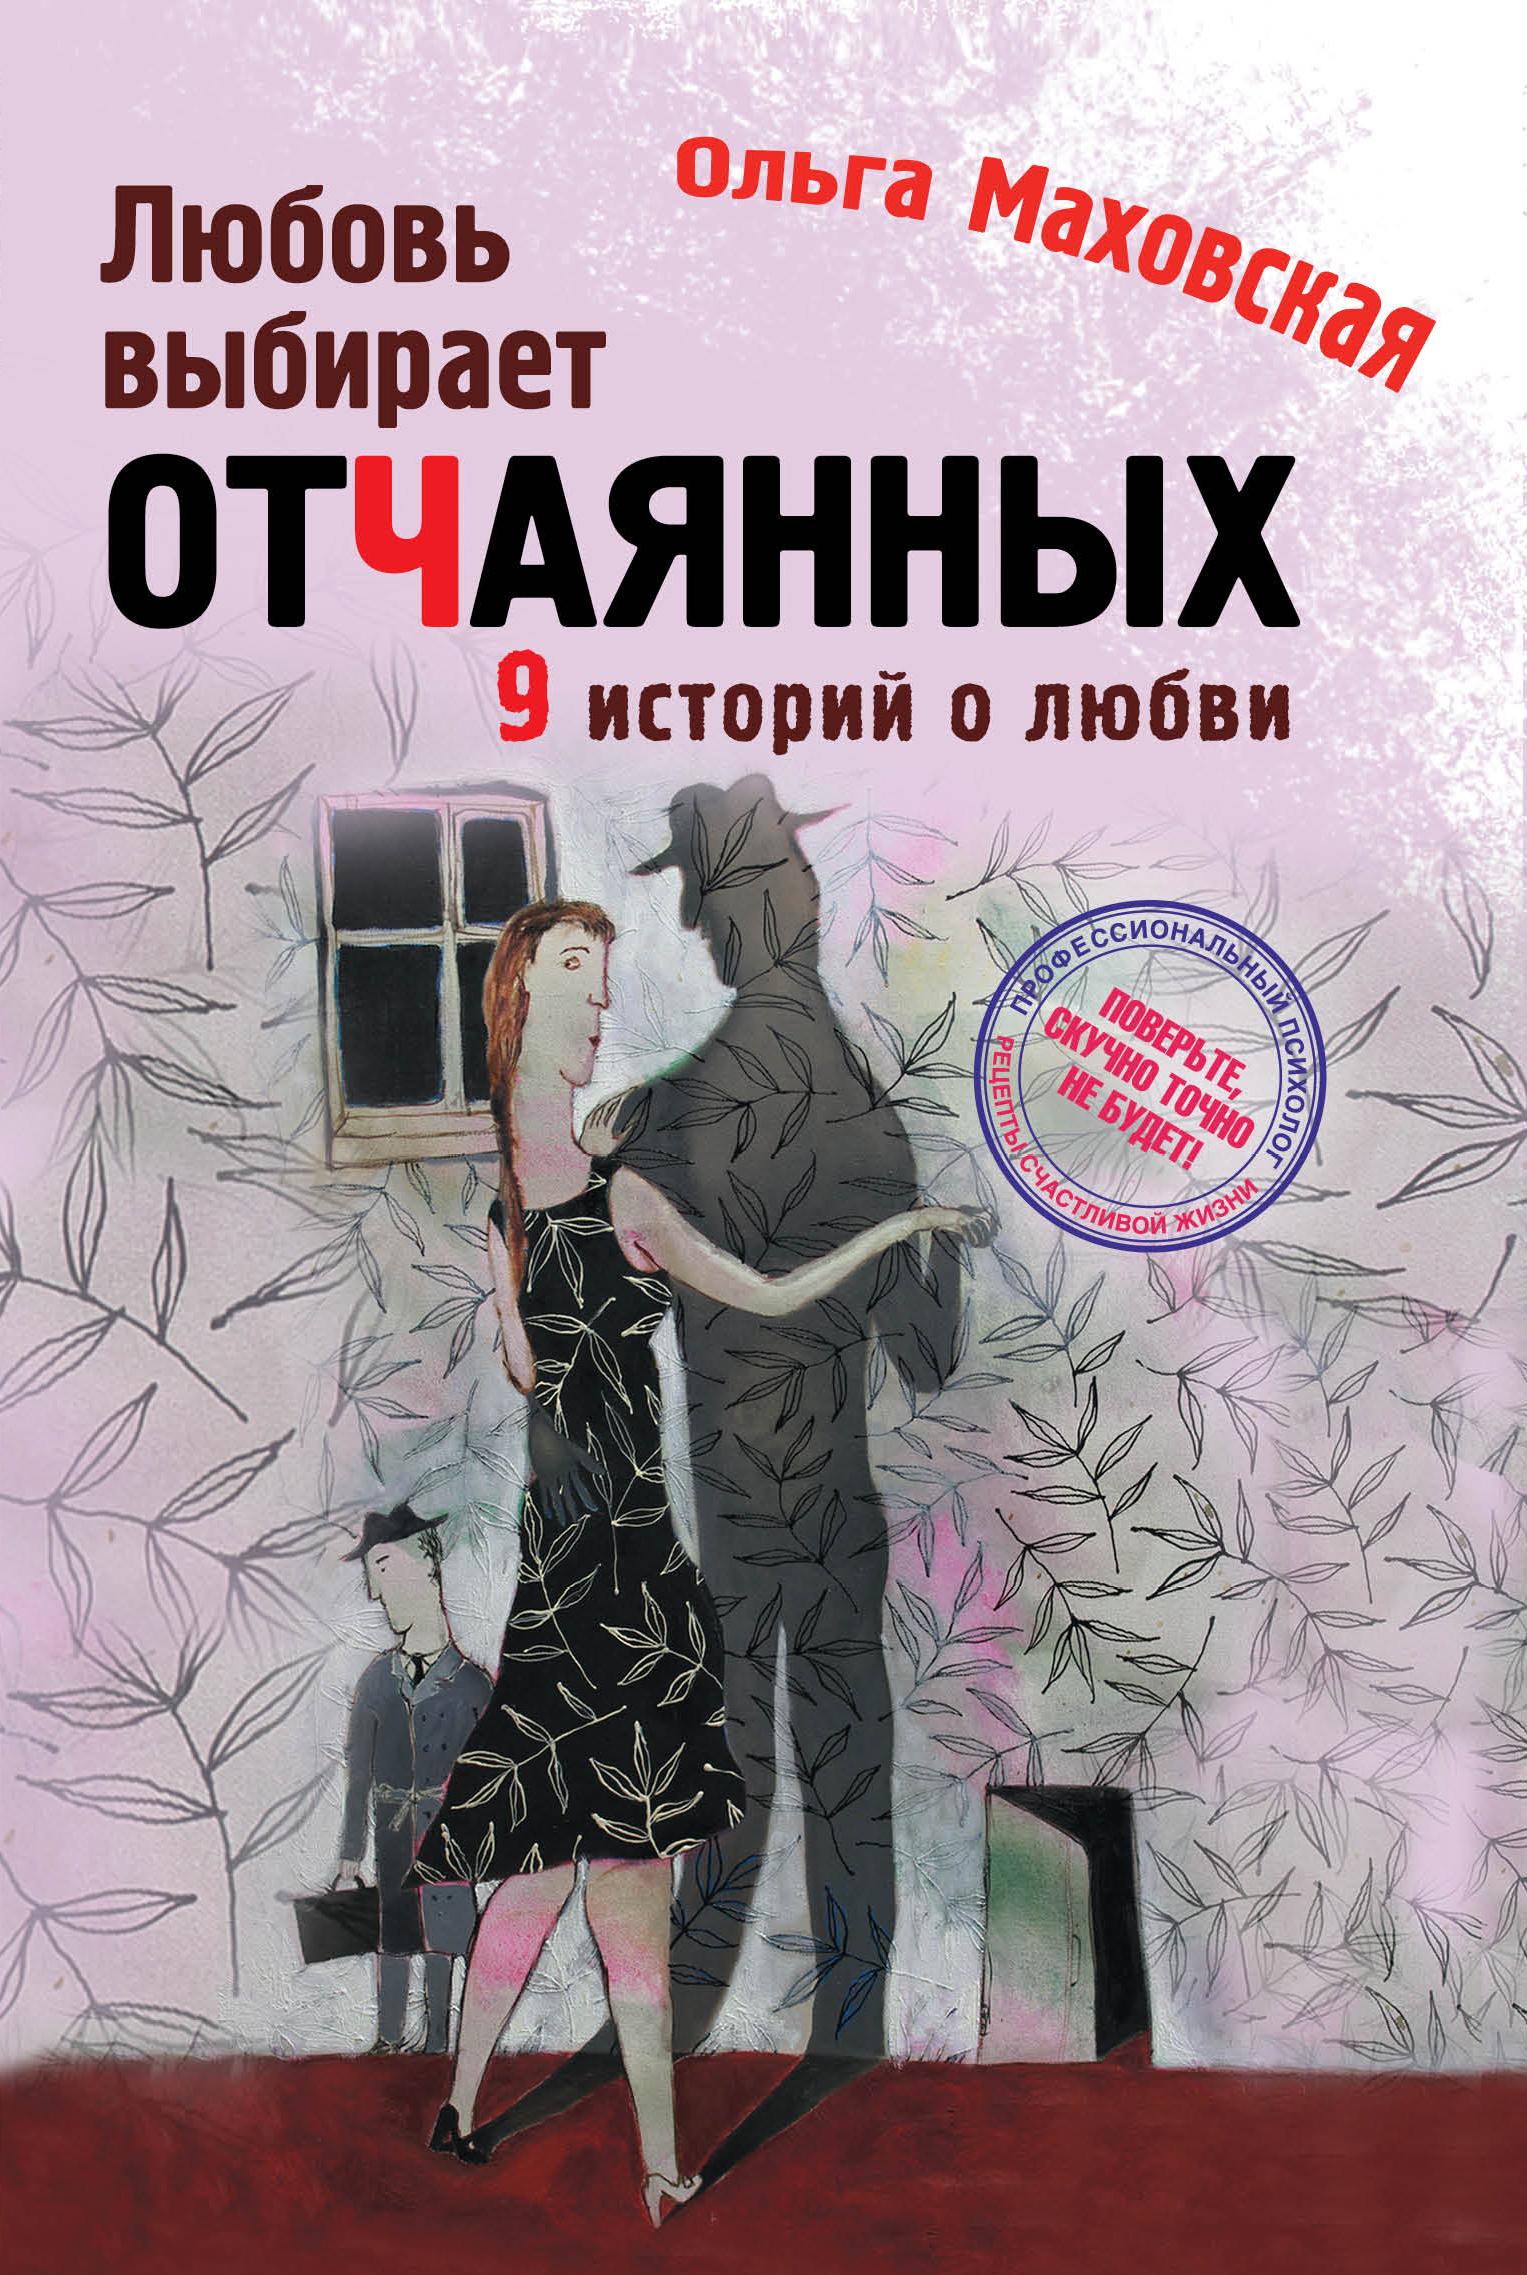 Ольга Маховская Любовь выбирает отчаянных